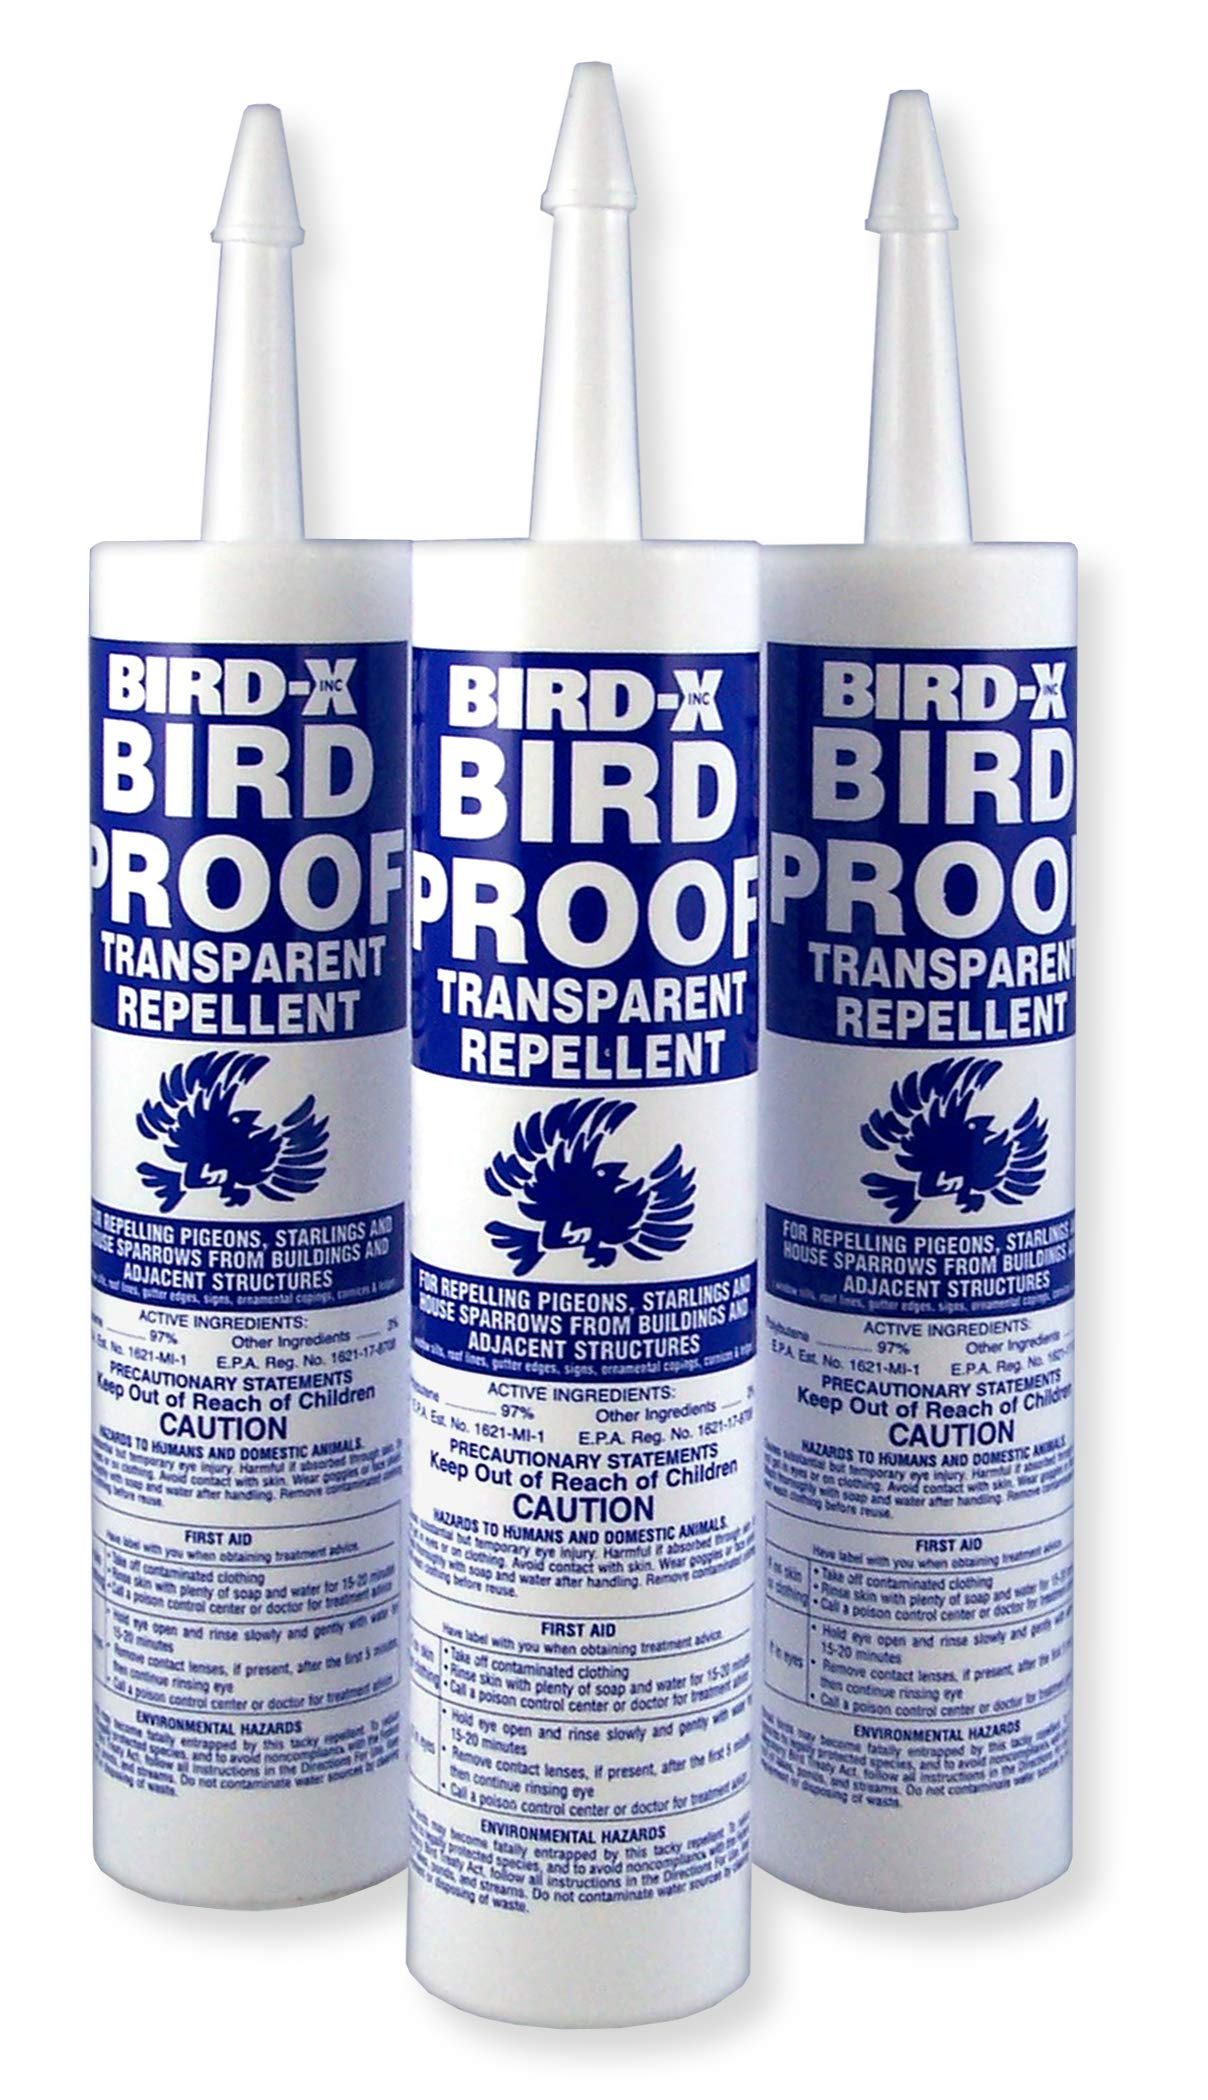 Bird-X Bird-Proof Gel Bird Repellent, Trial Kit of 3 Tubes